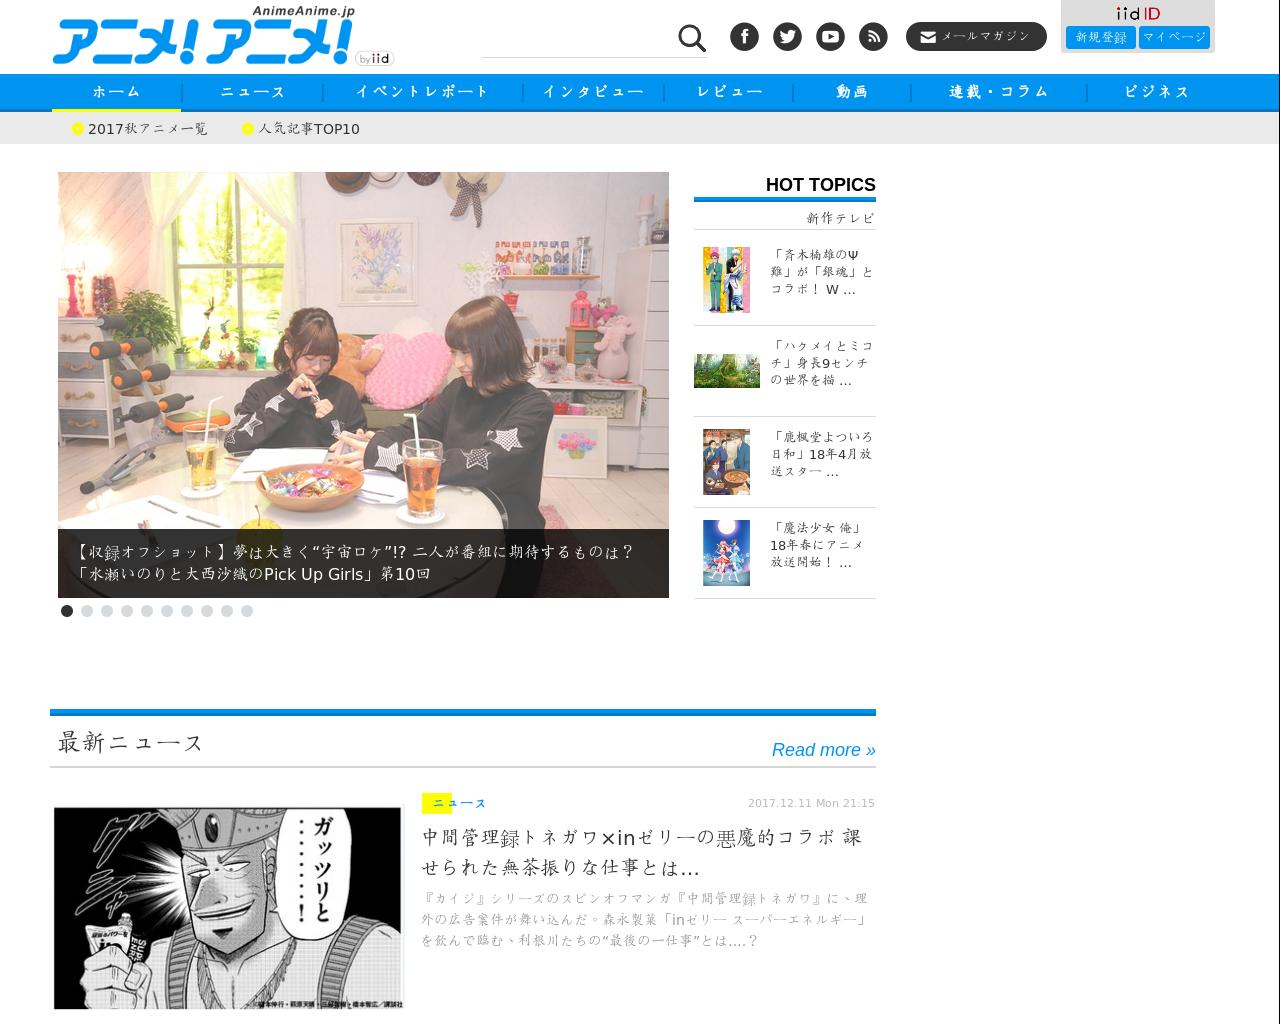 animeanime.jp(2017/12/12 06:25:42)